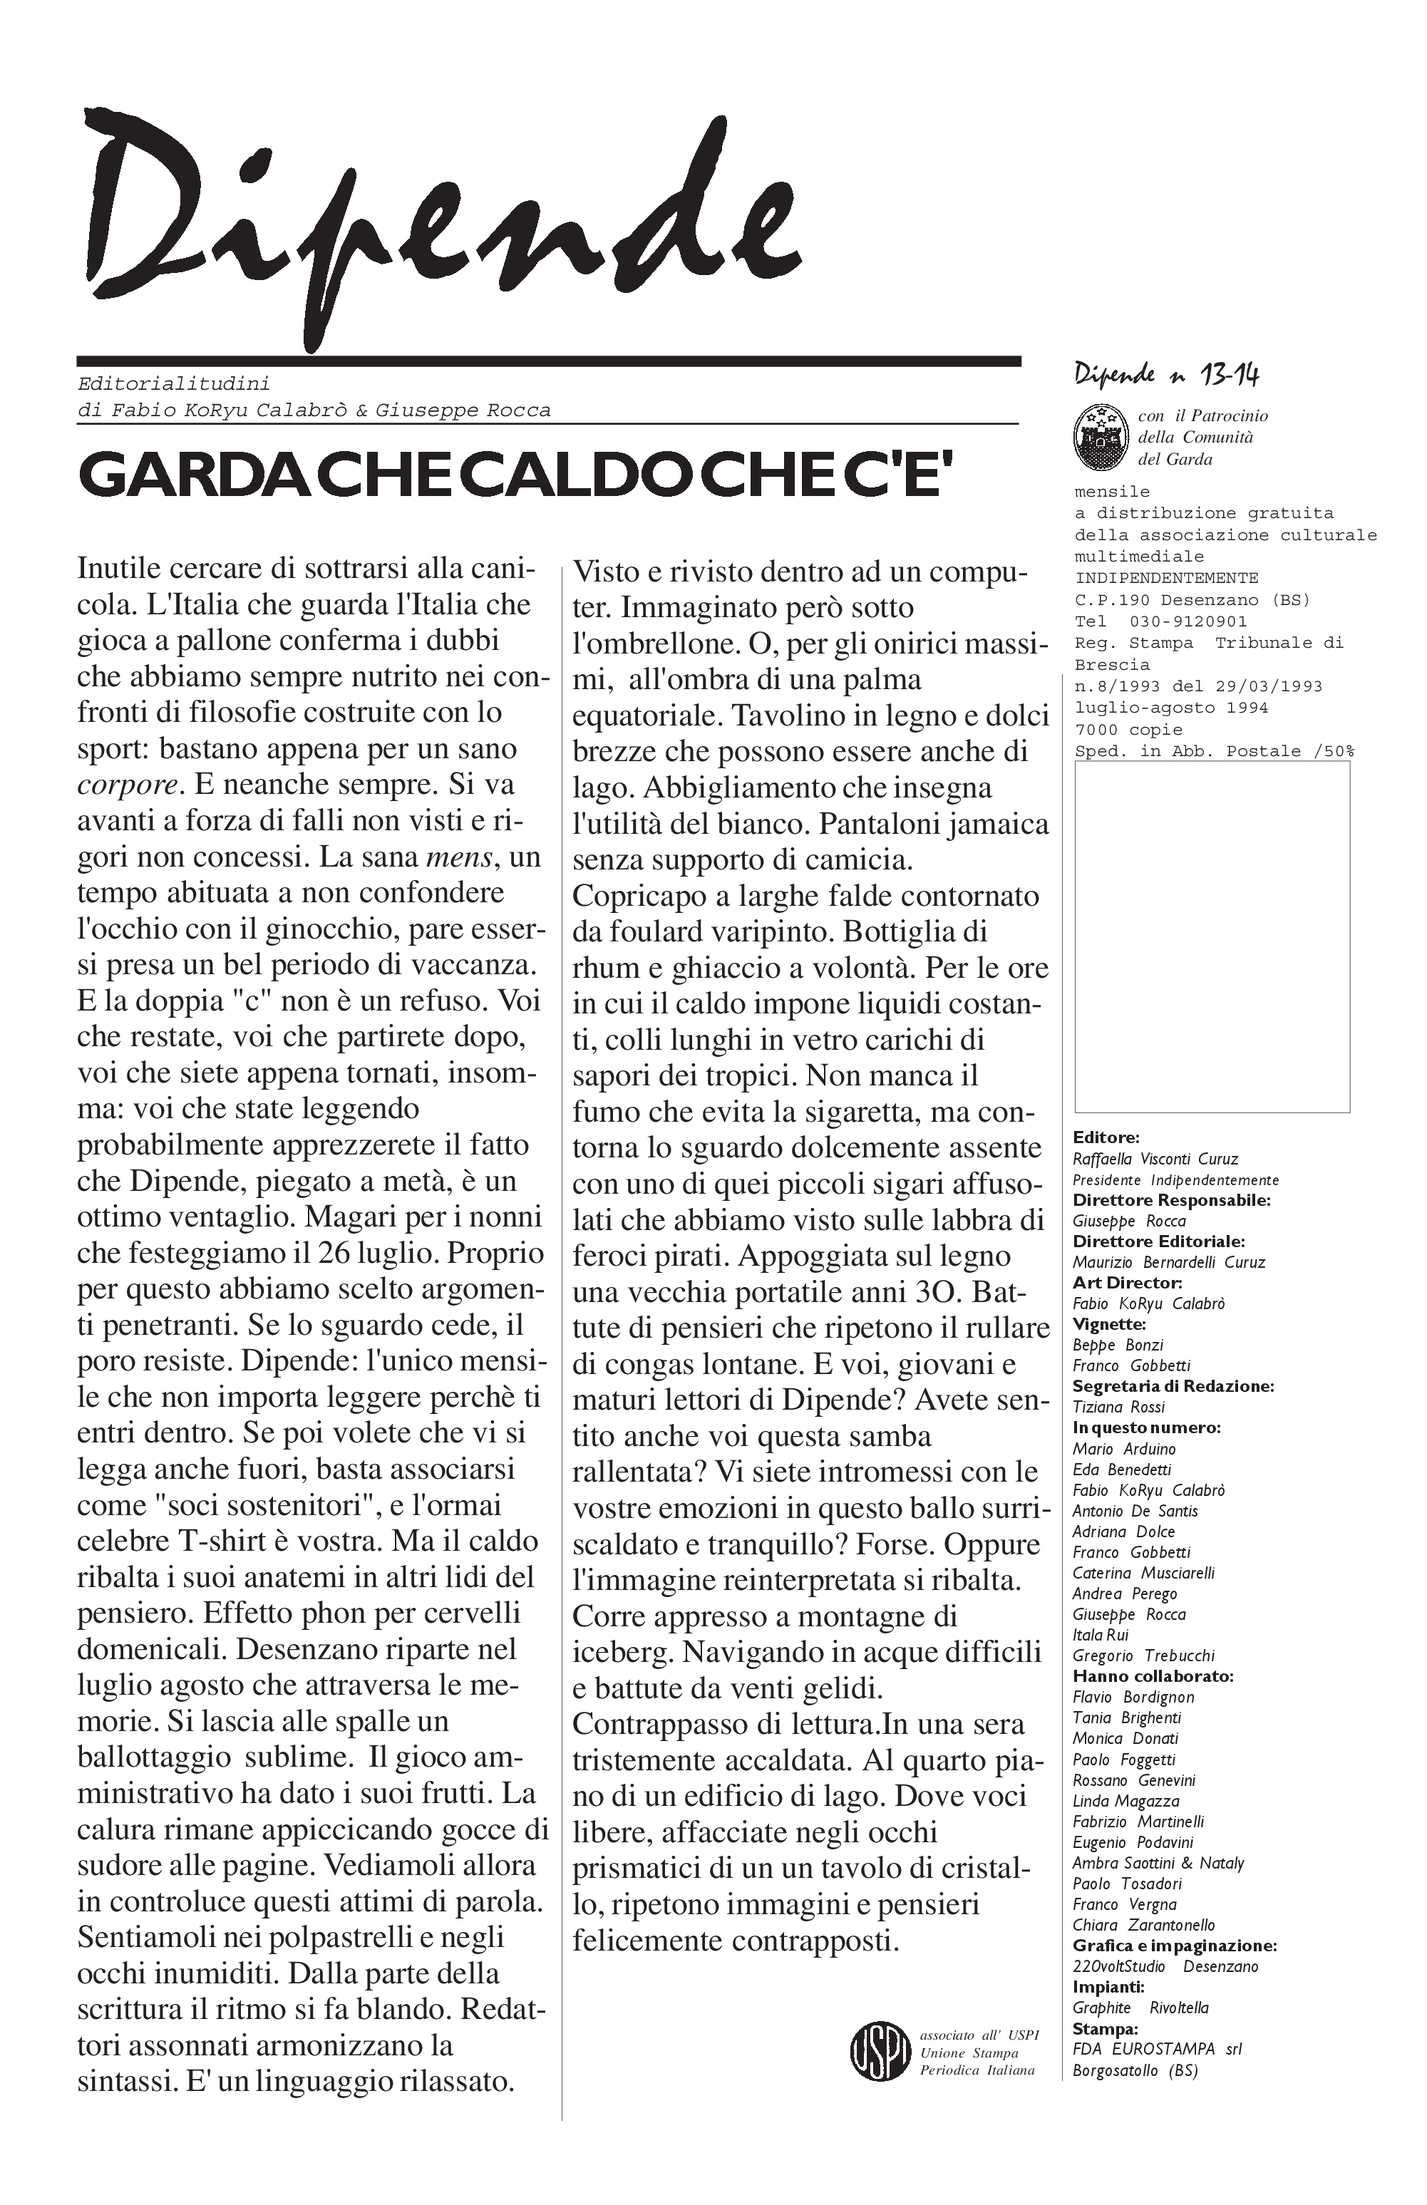 Calaméo Giornale Del Garda N 13